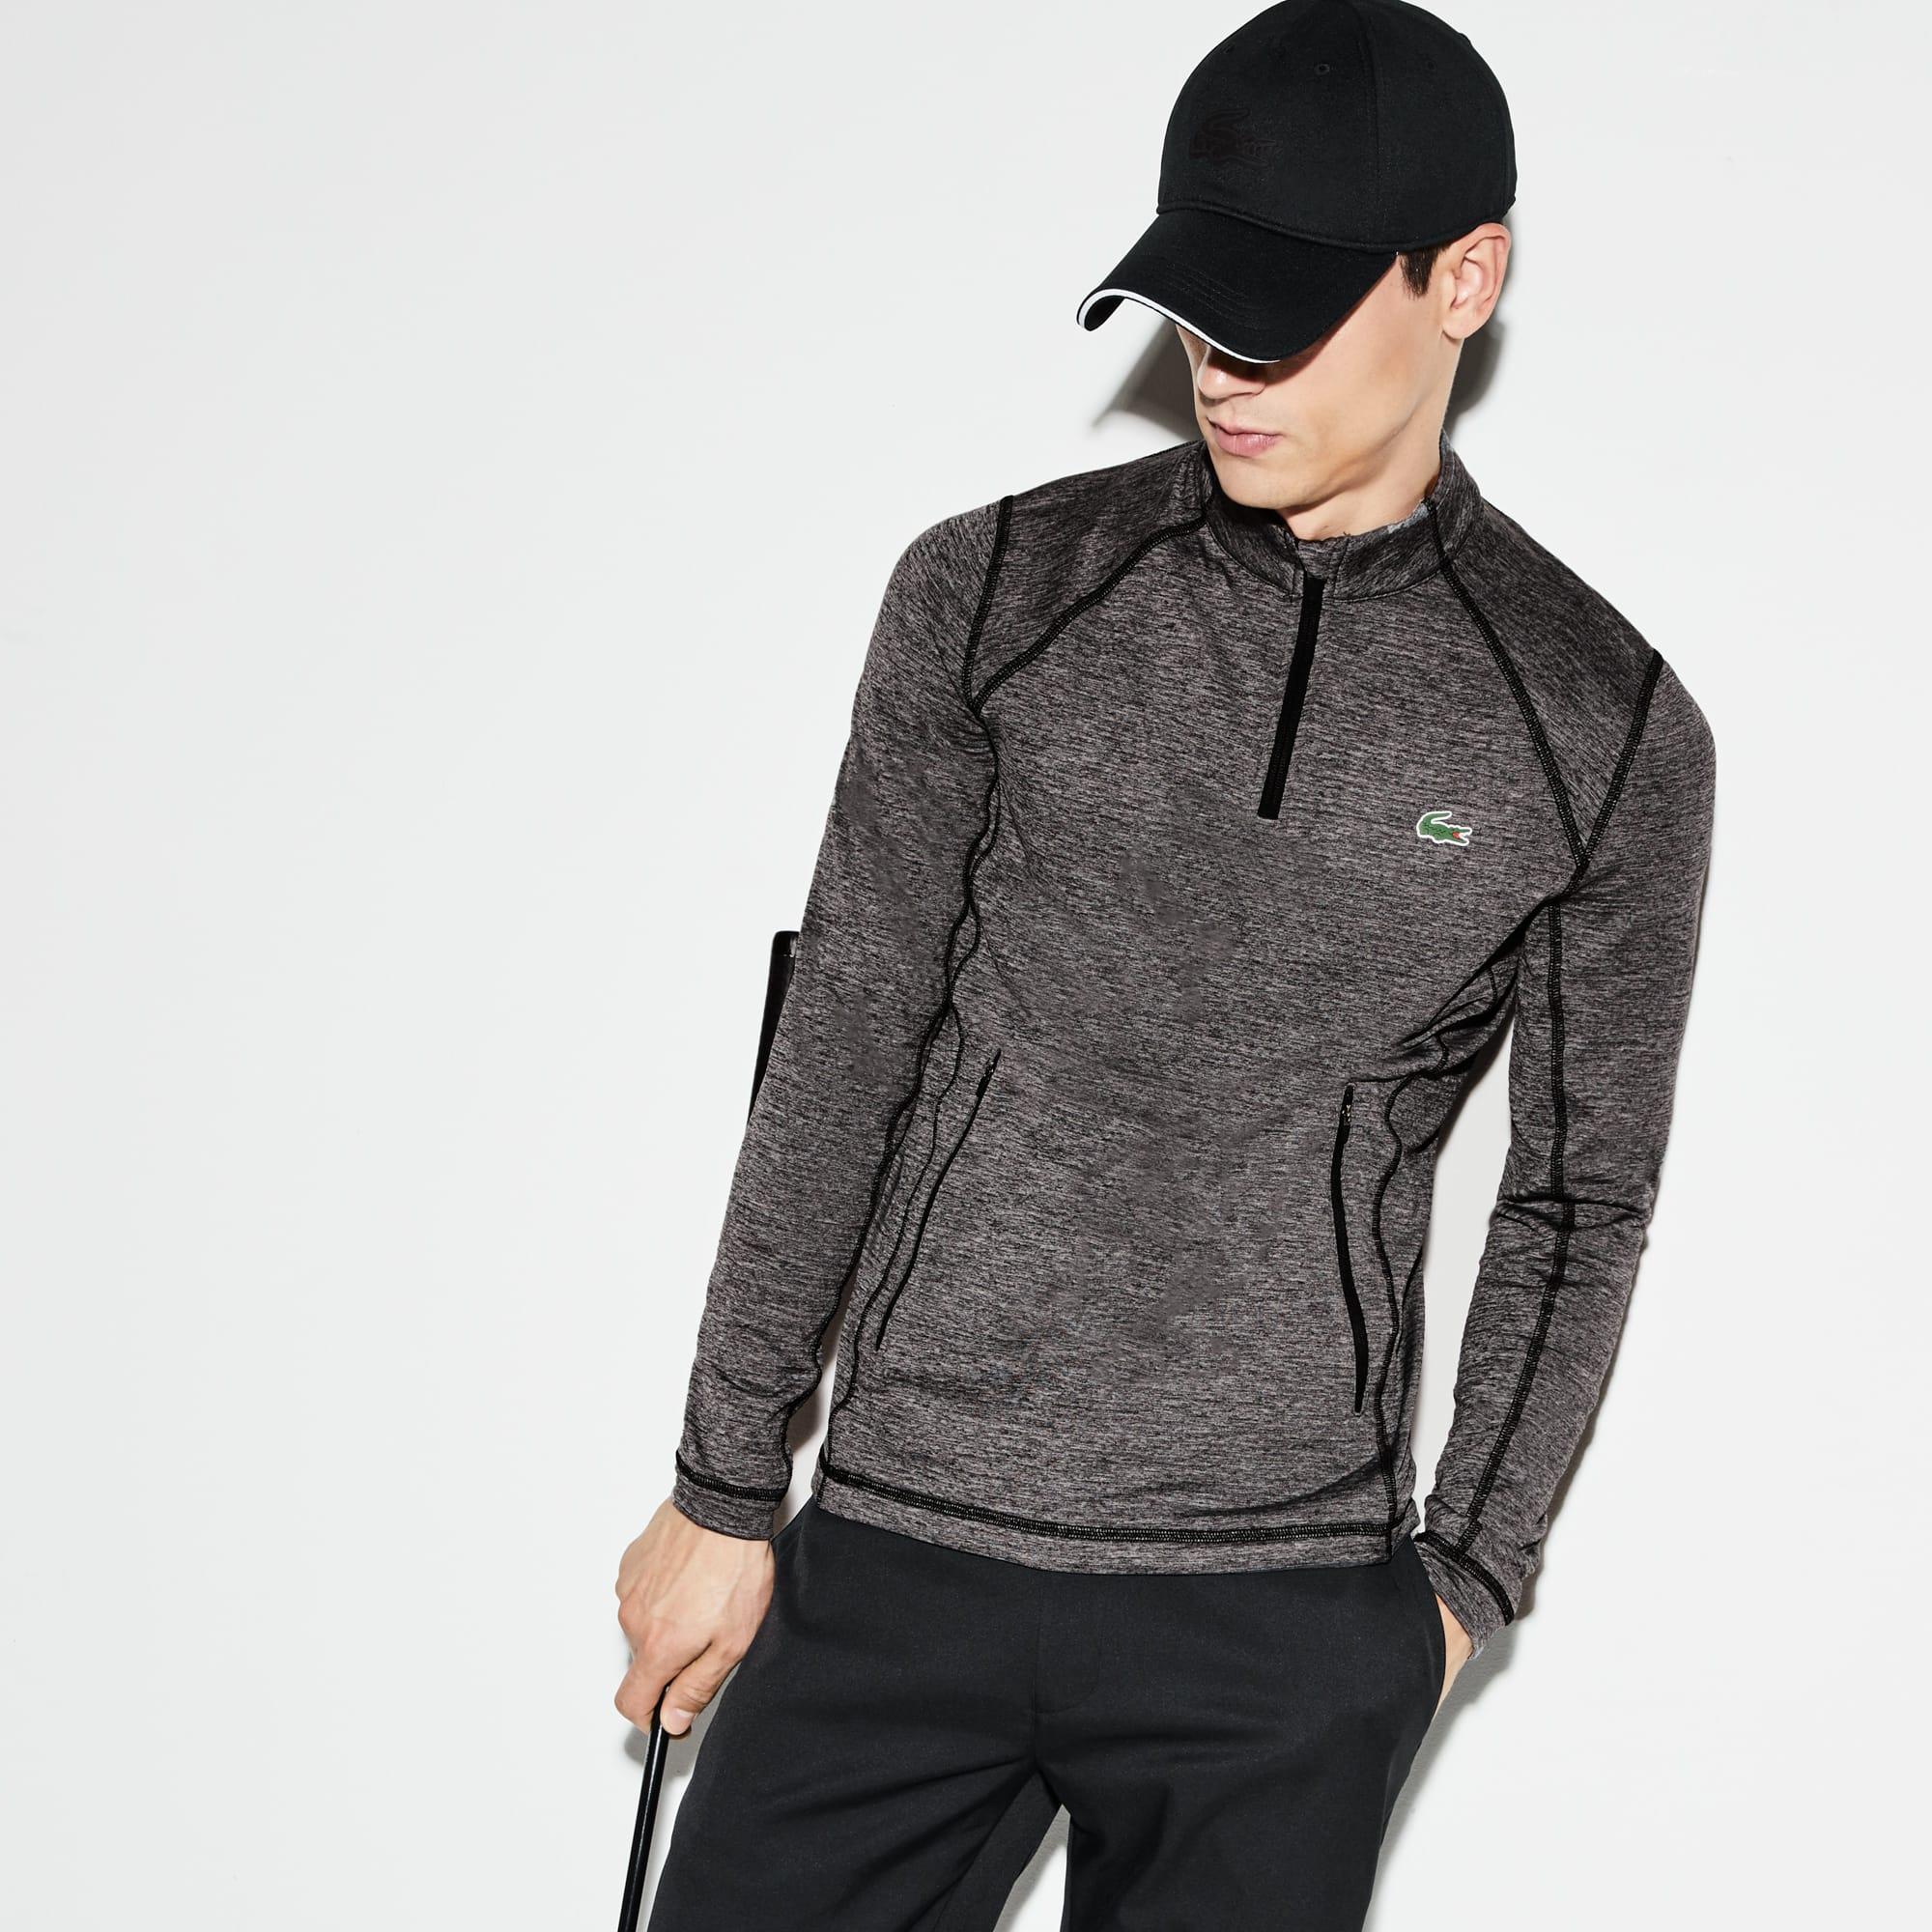 Men's SPORT Zip Neck Technical Midlayer Golf Sweatshirt